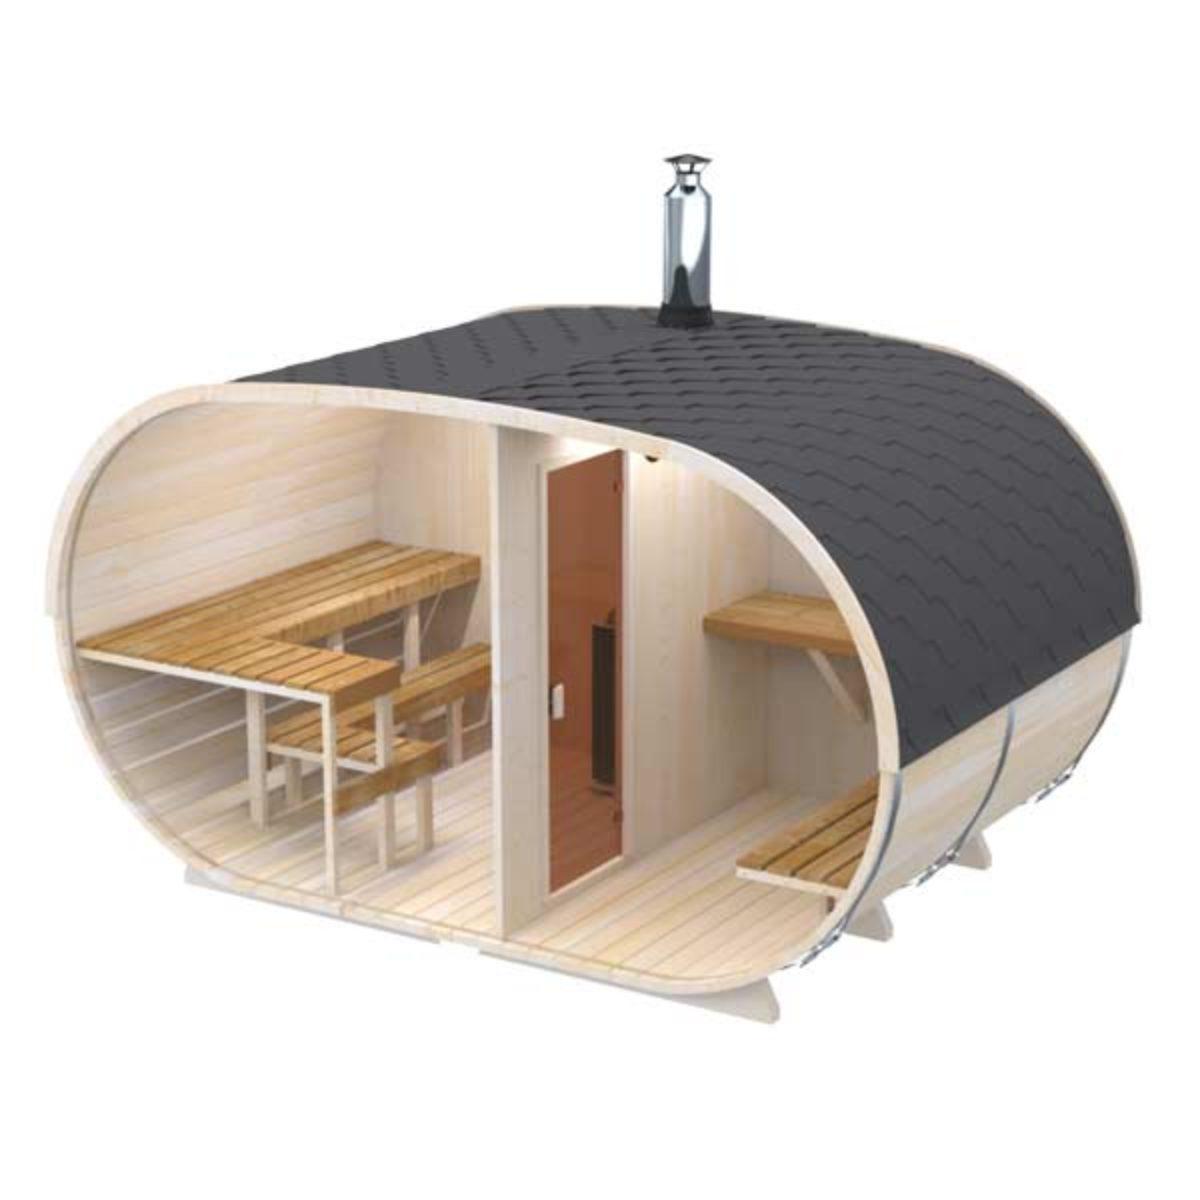 Full Size of Groe Ovale Fasssauna Direkt Vom Hersteller Saunaffr 6 Wohnzimmer Gartensauna Bausatz